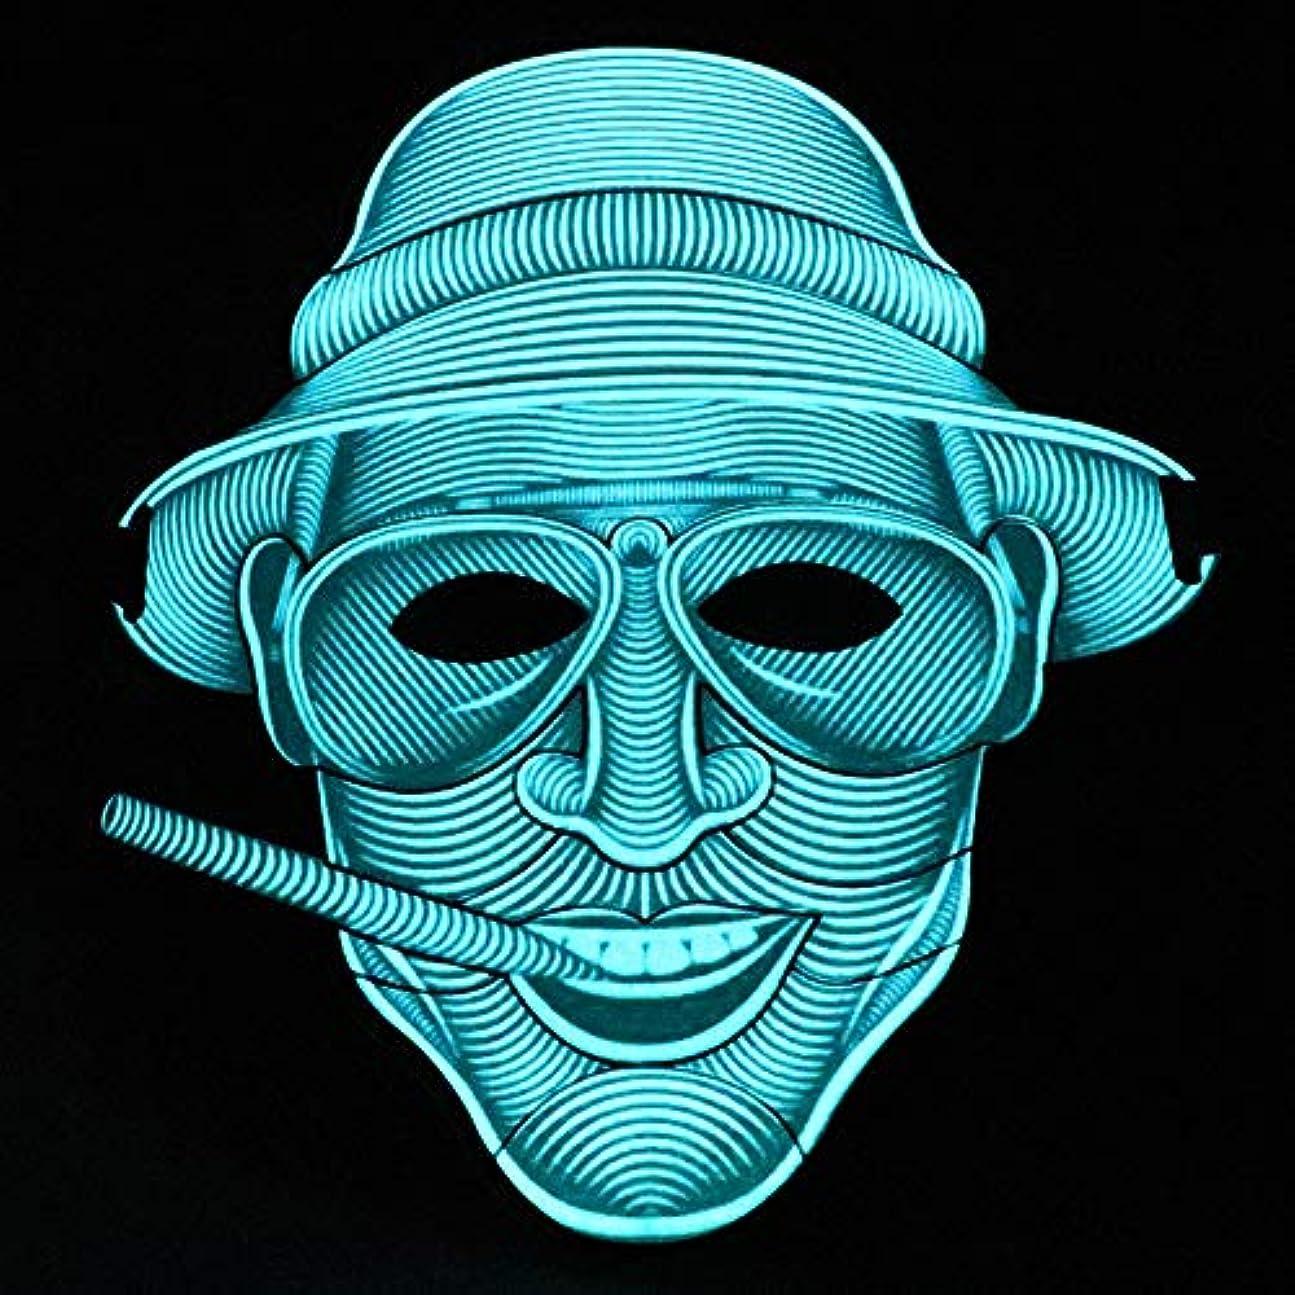 アラビア語傾向があります代数照らされたマスクLED創造的な冷光音響制御マスクハロウィンバーフェスティバルダンスマスク (Color : #19)